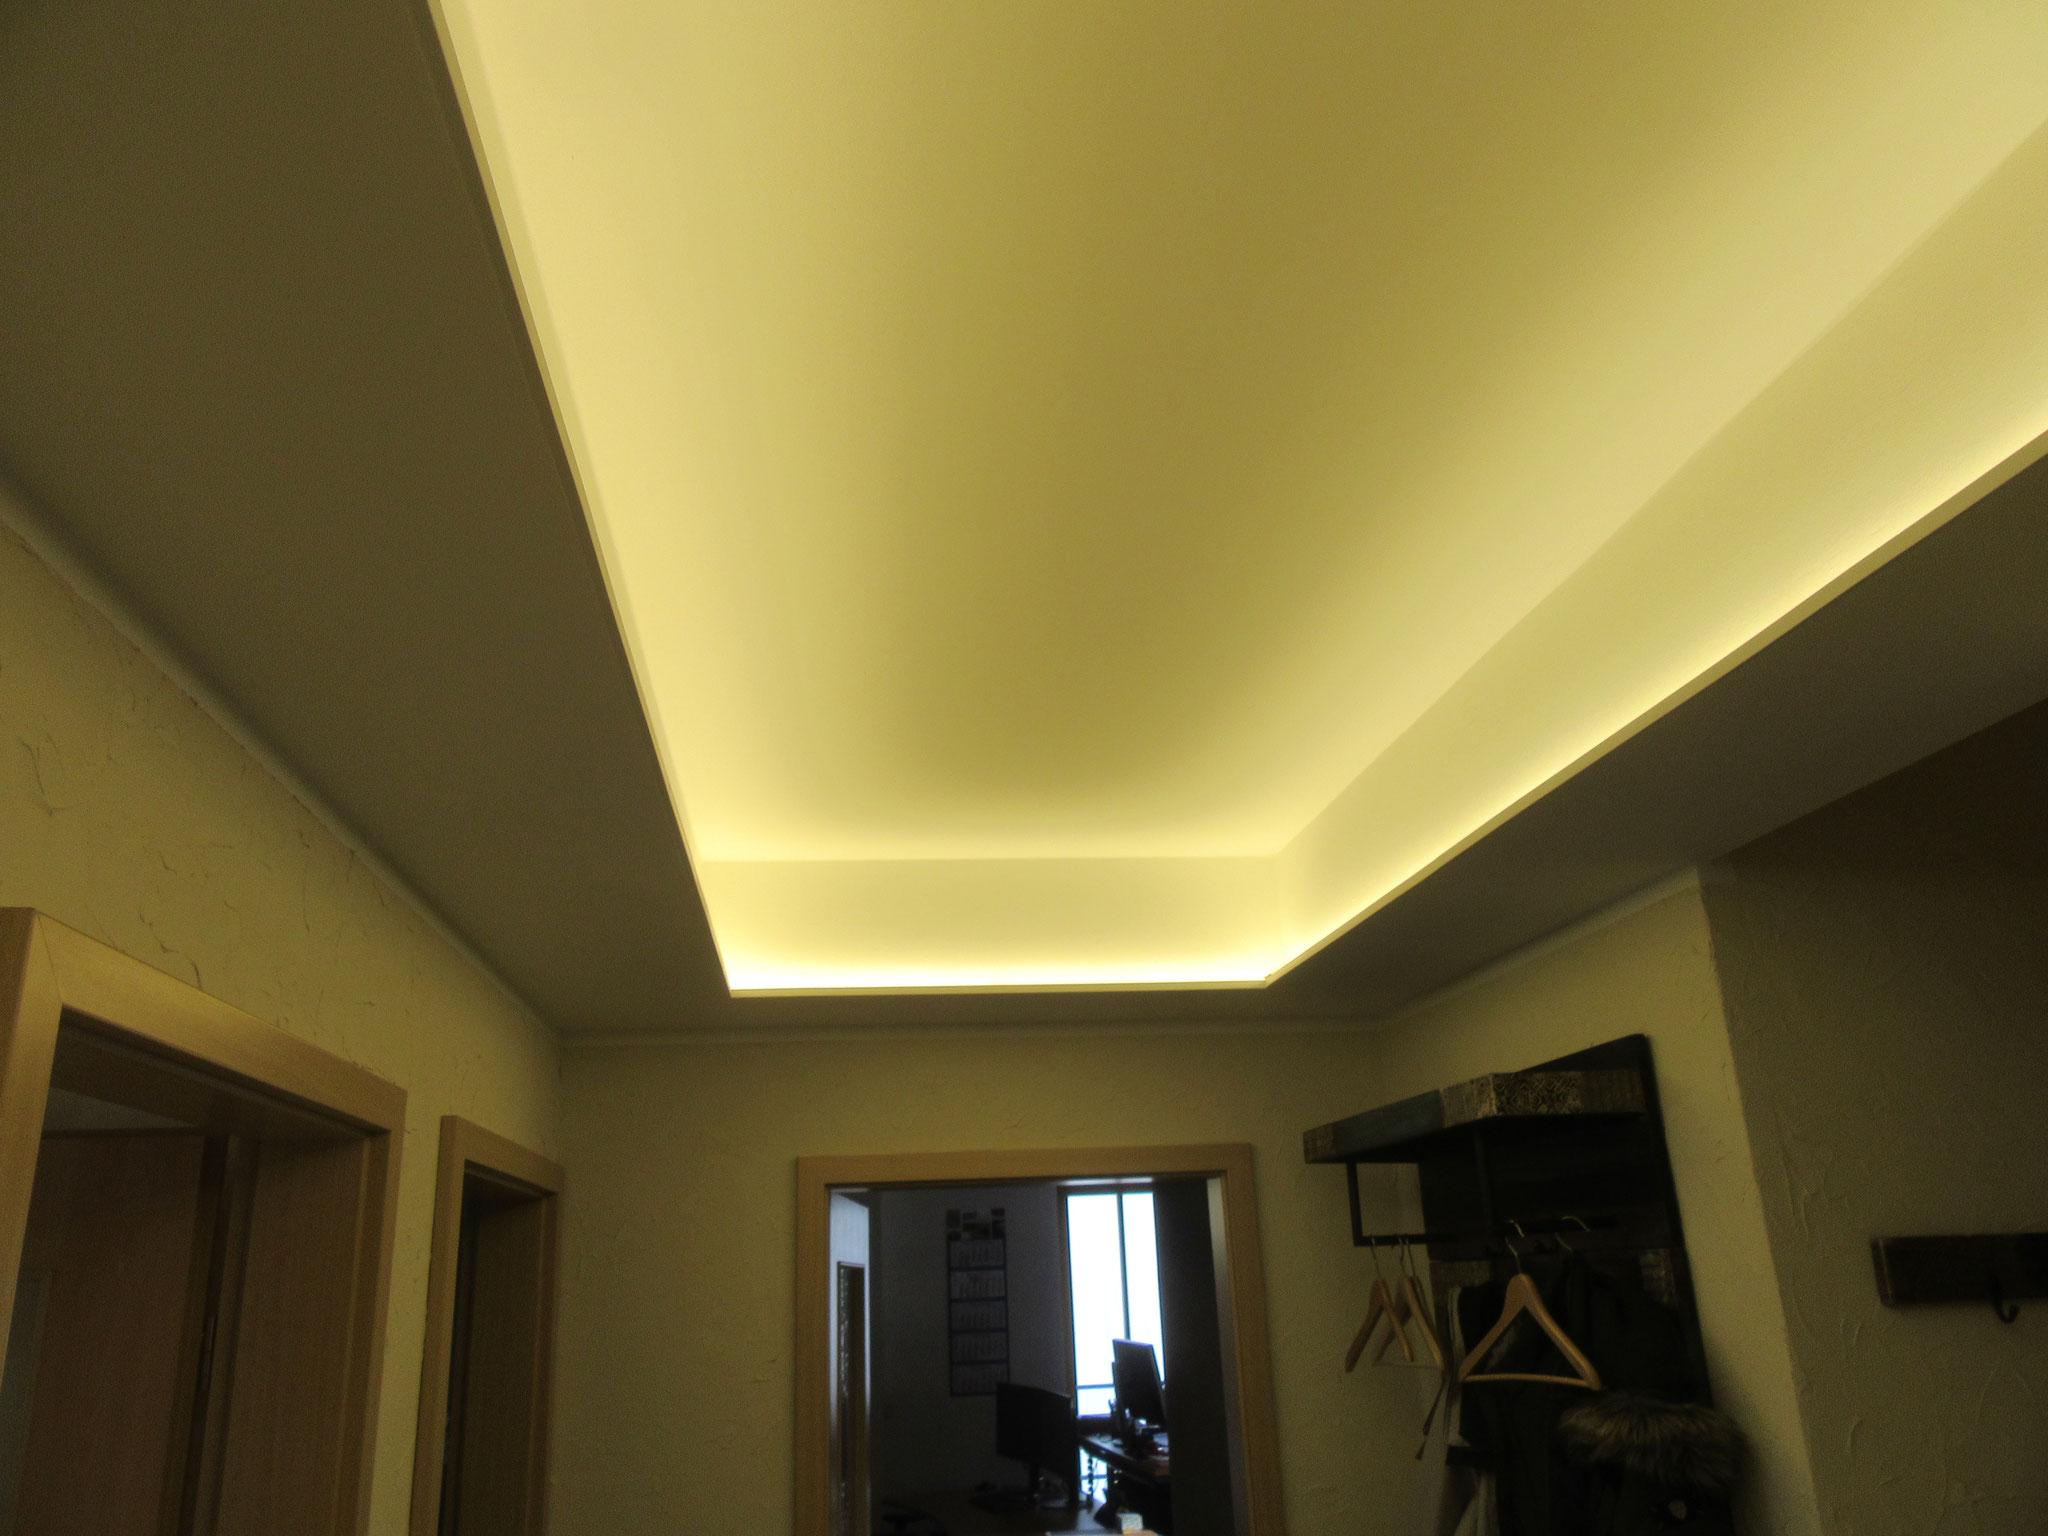 Fertiggestellte indirekte Beleuchtung